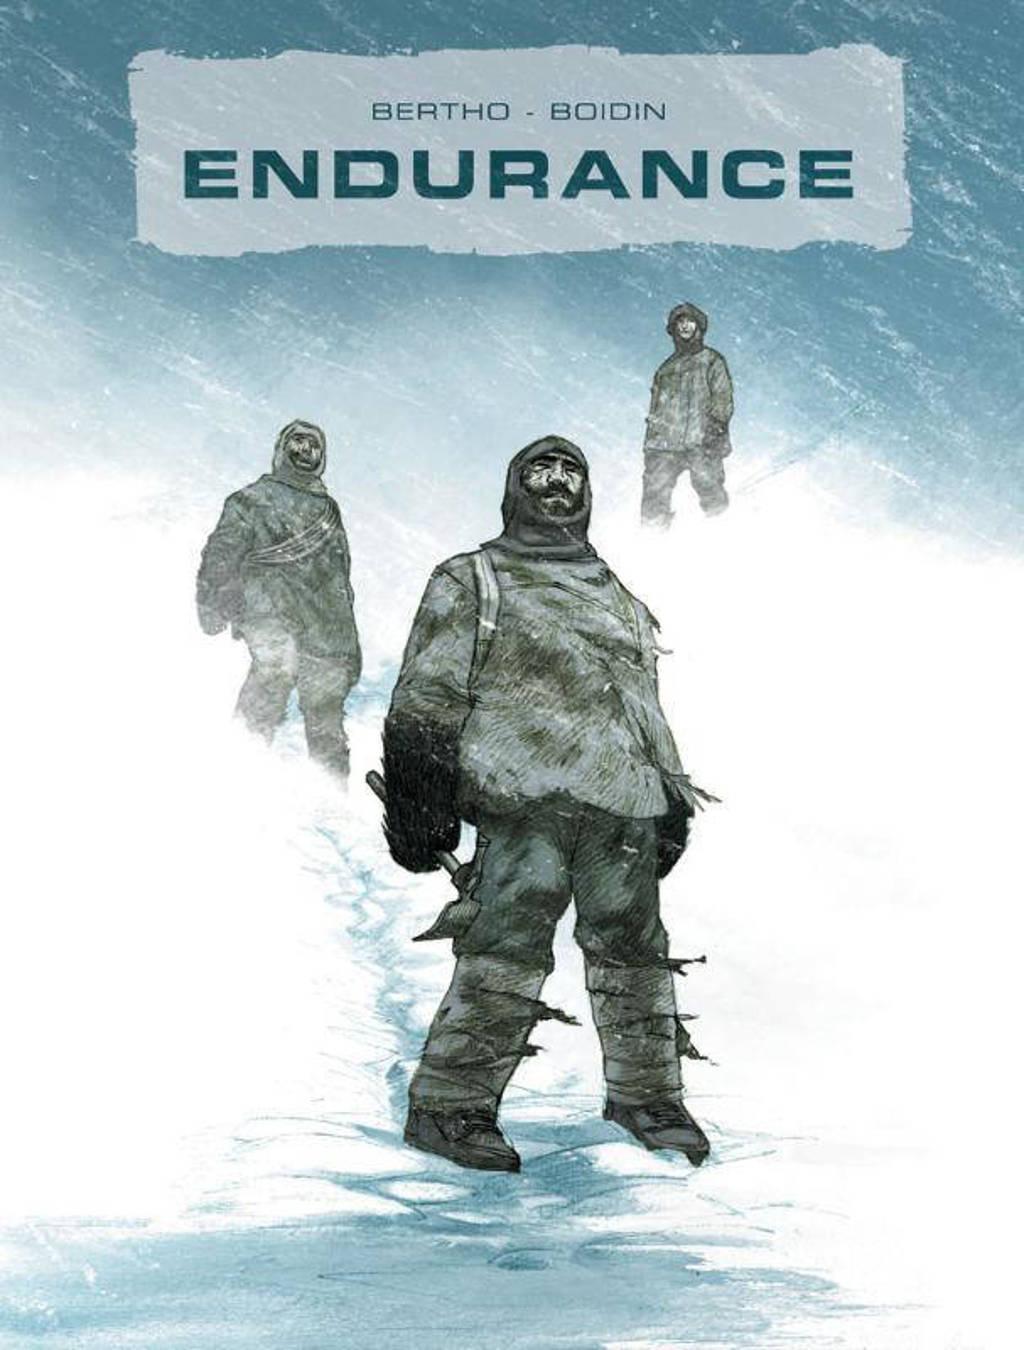 Endurance - P. Bertho en Marc-Antoine Boidin